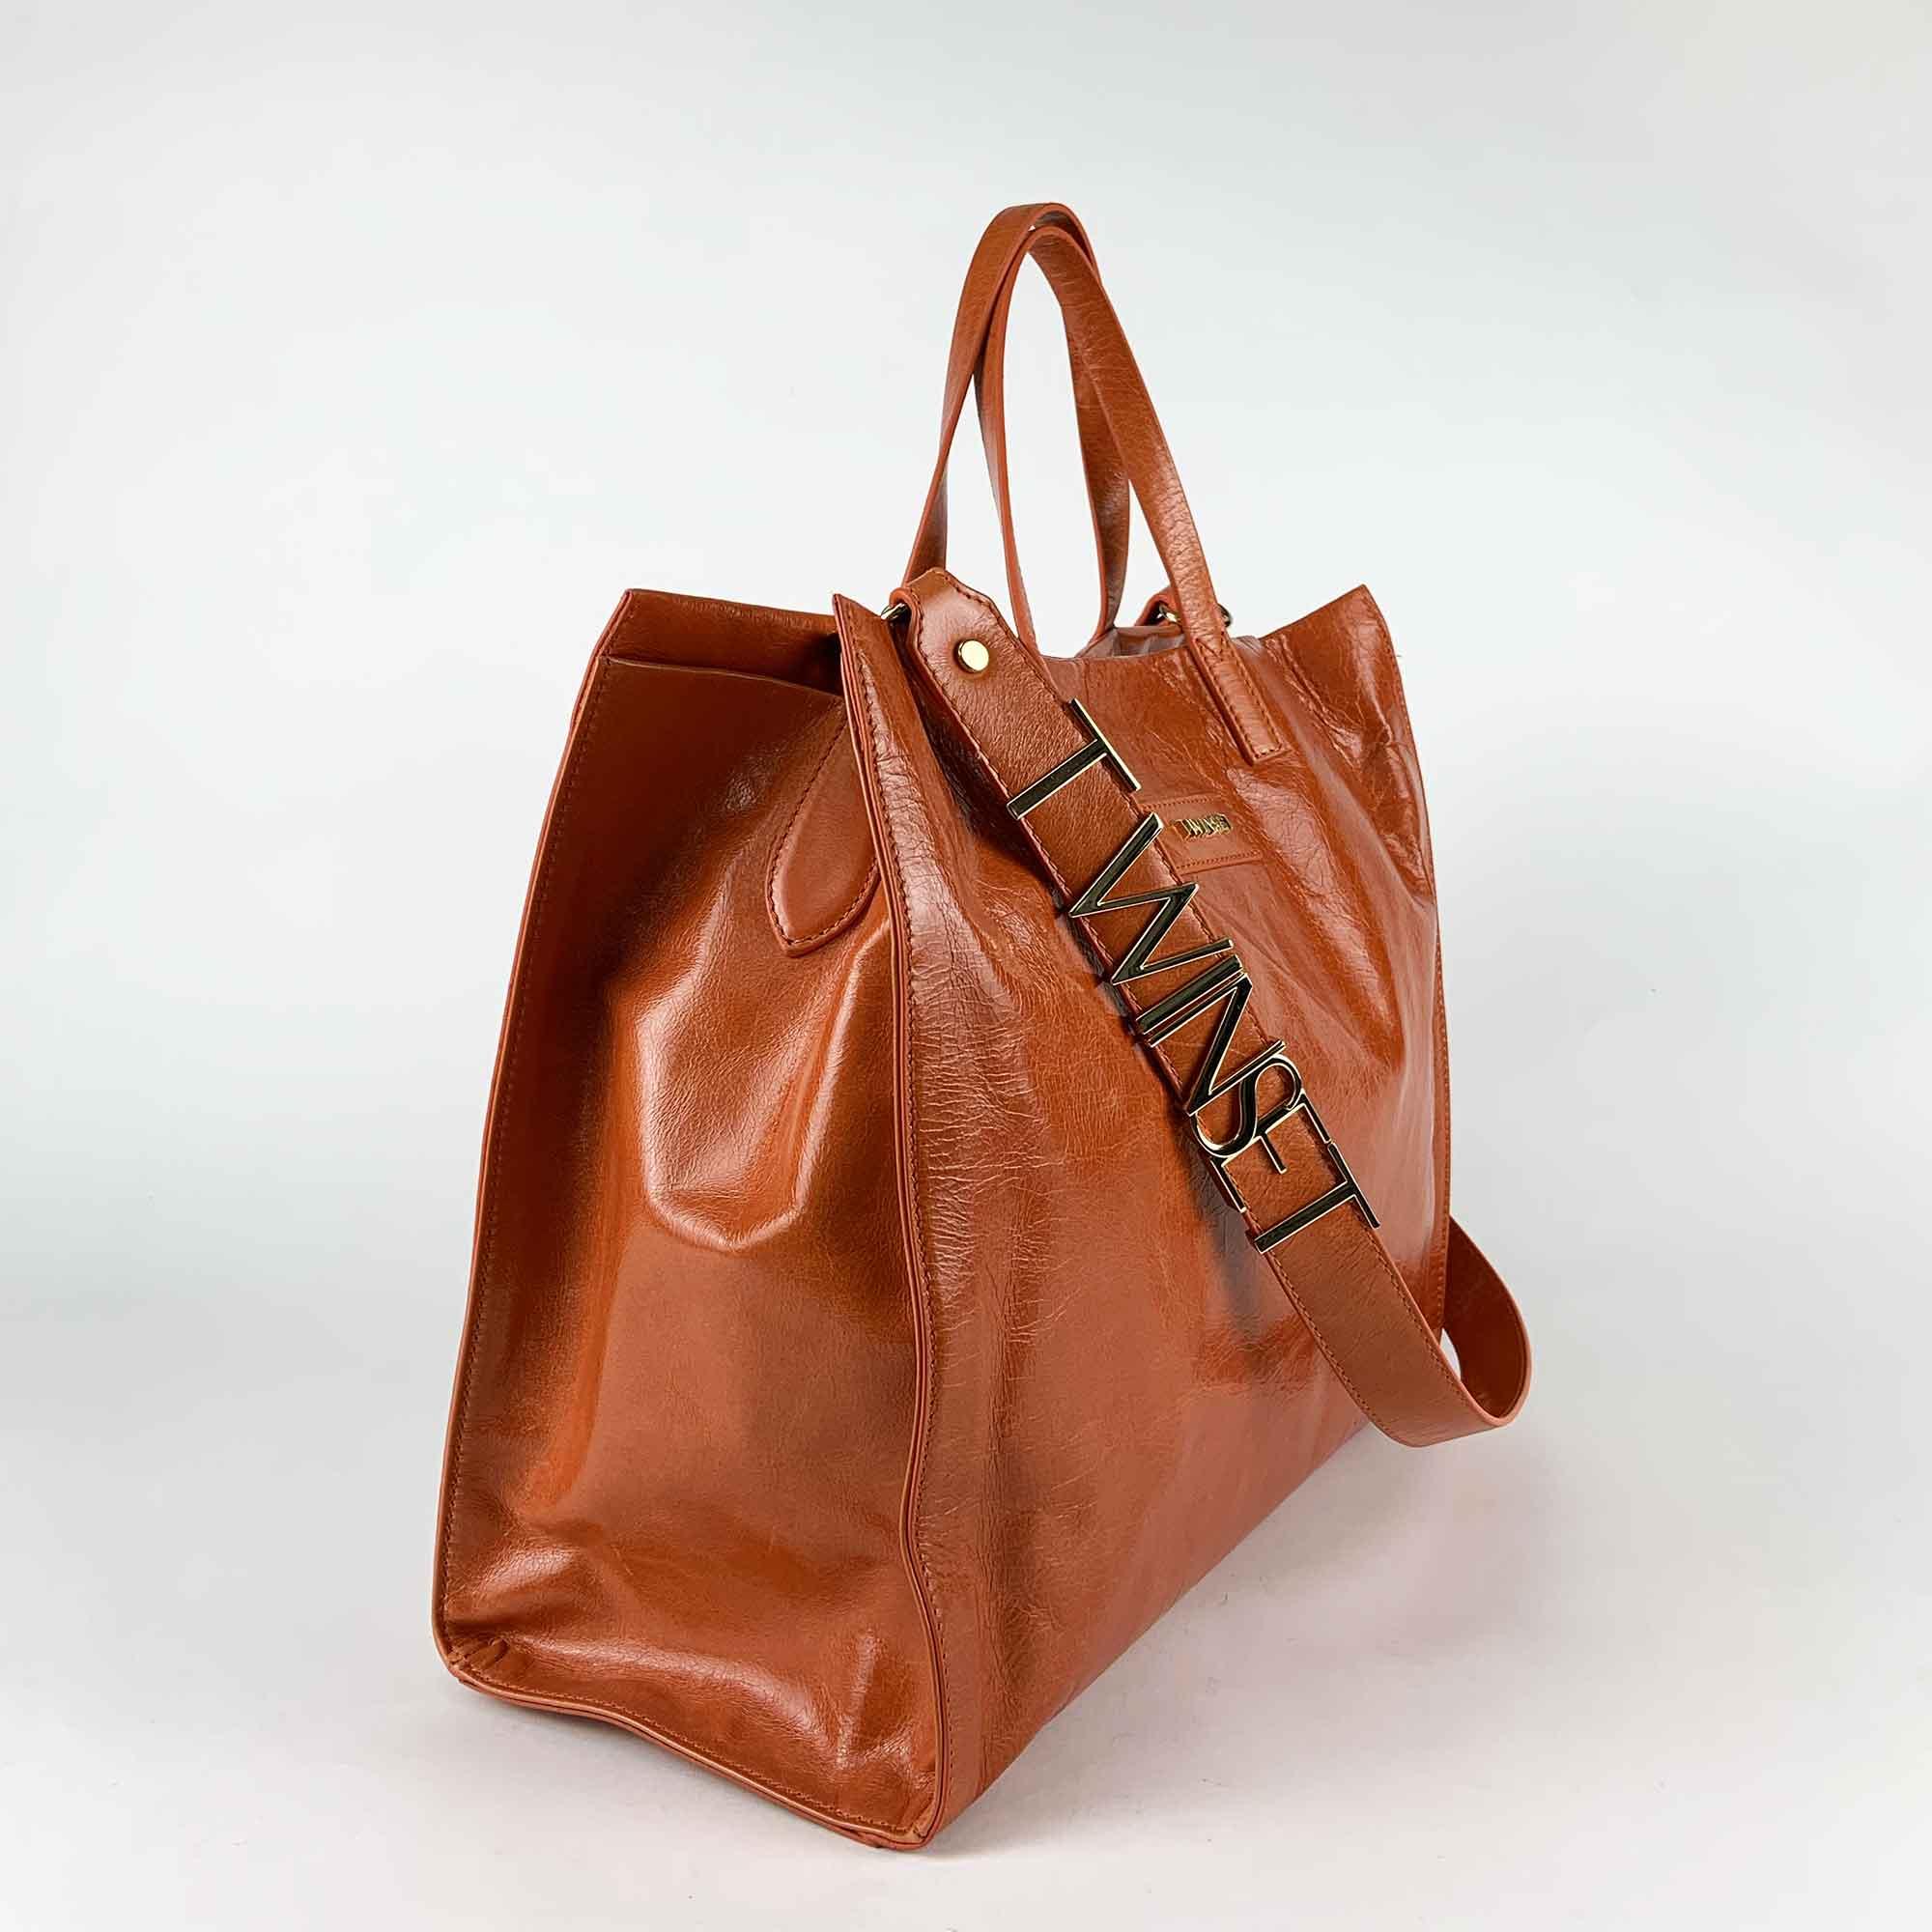 Borsa shopper con logo - Arancio diaspro